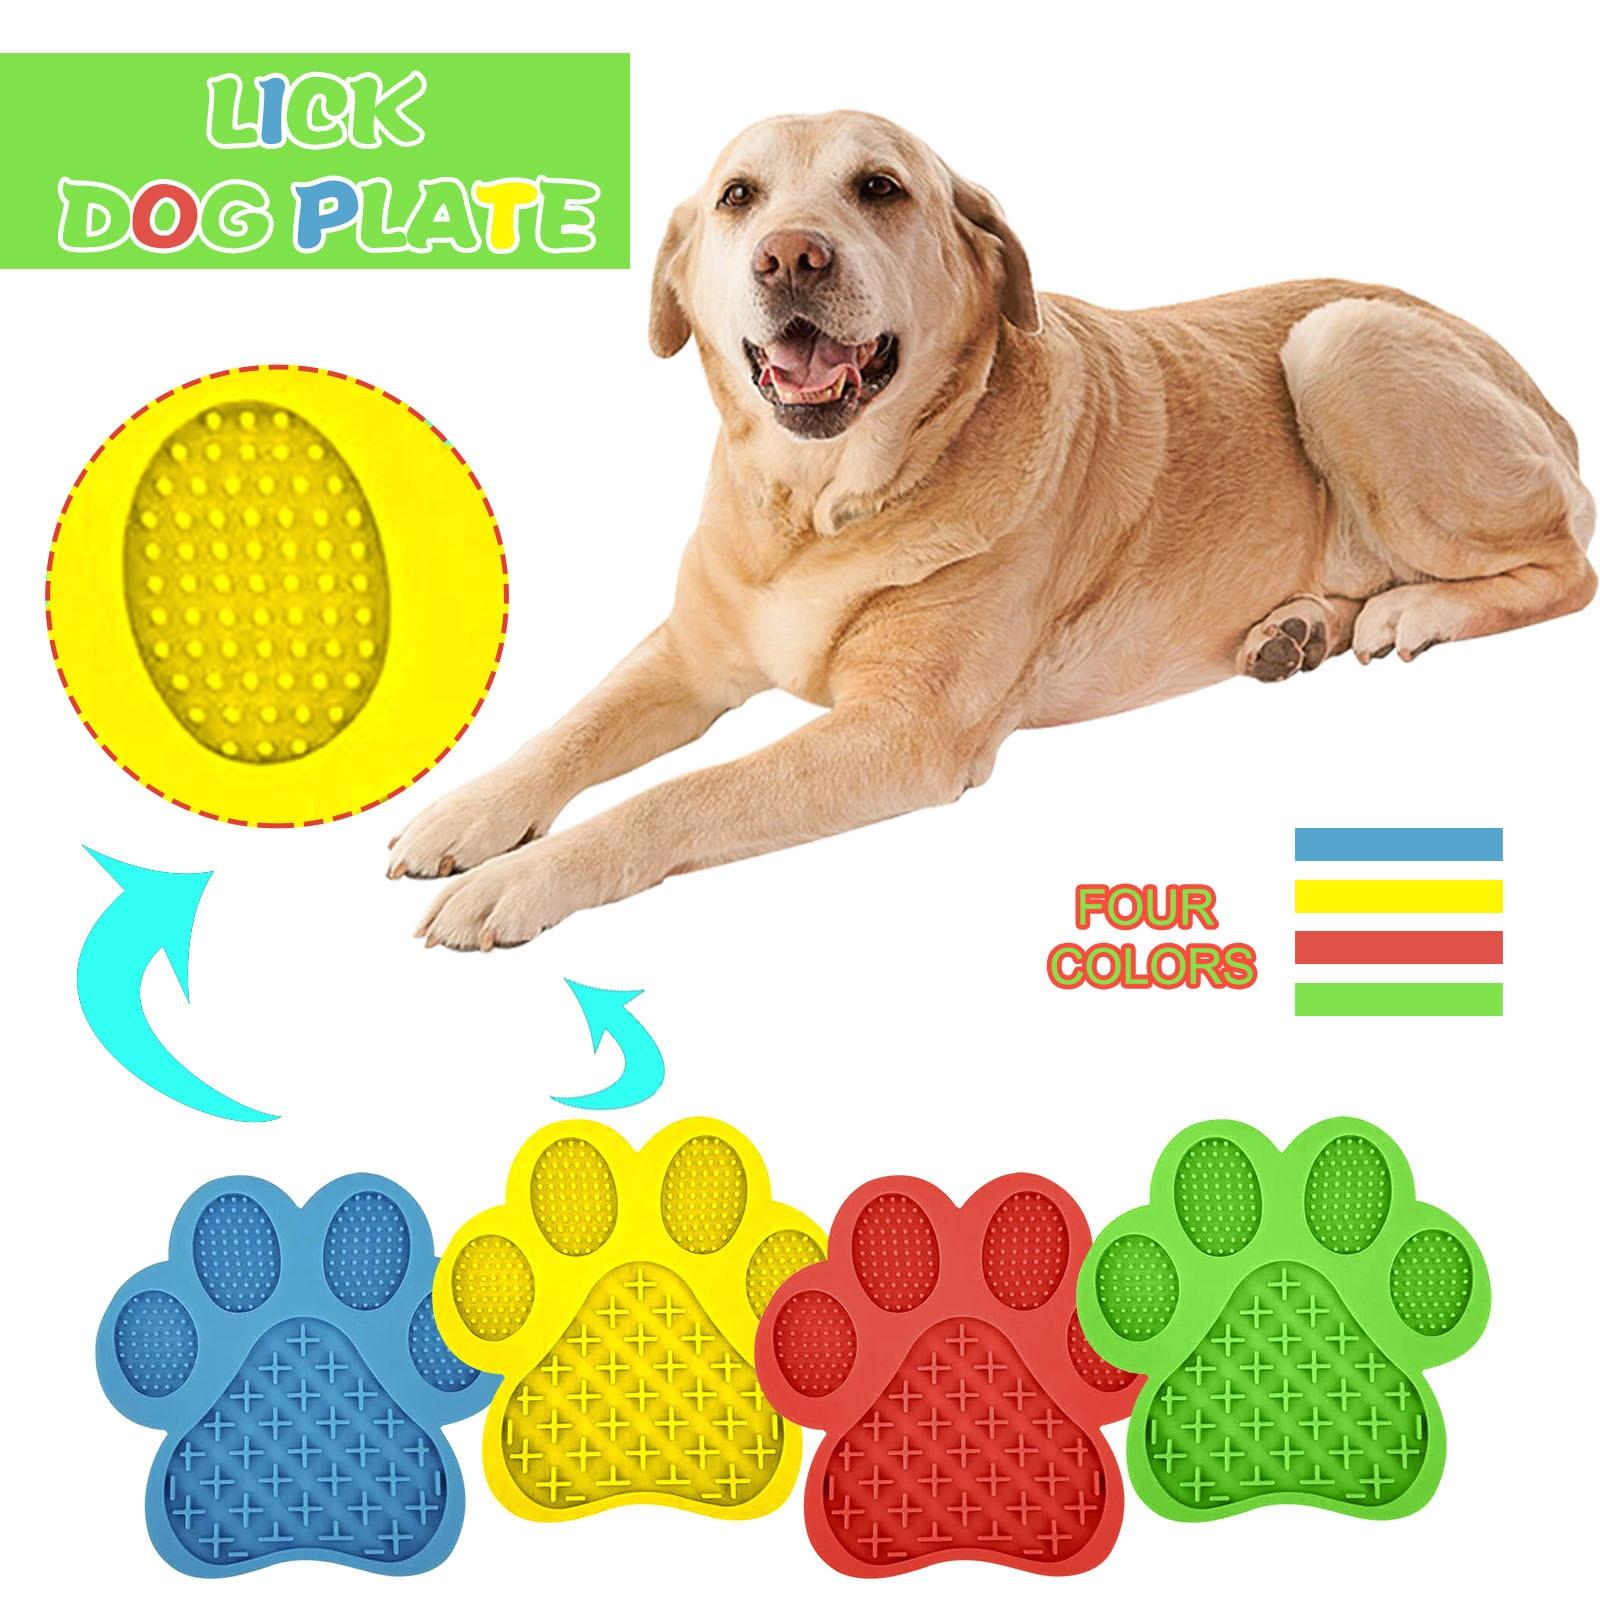 Lick Mat pour chien chat lavage dispositif de Distraction traitement lent tapis de distribution gamelle pour ingestion lente traiter tampon de distribution bol de nourriture